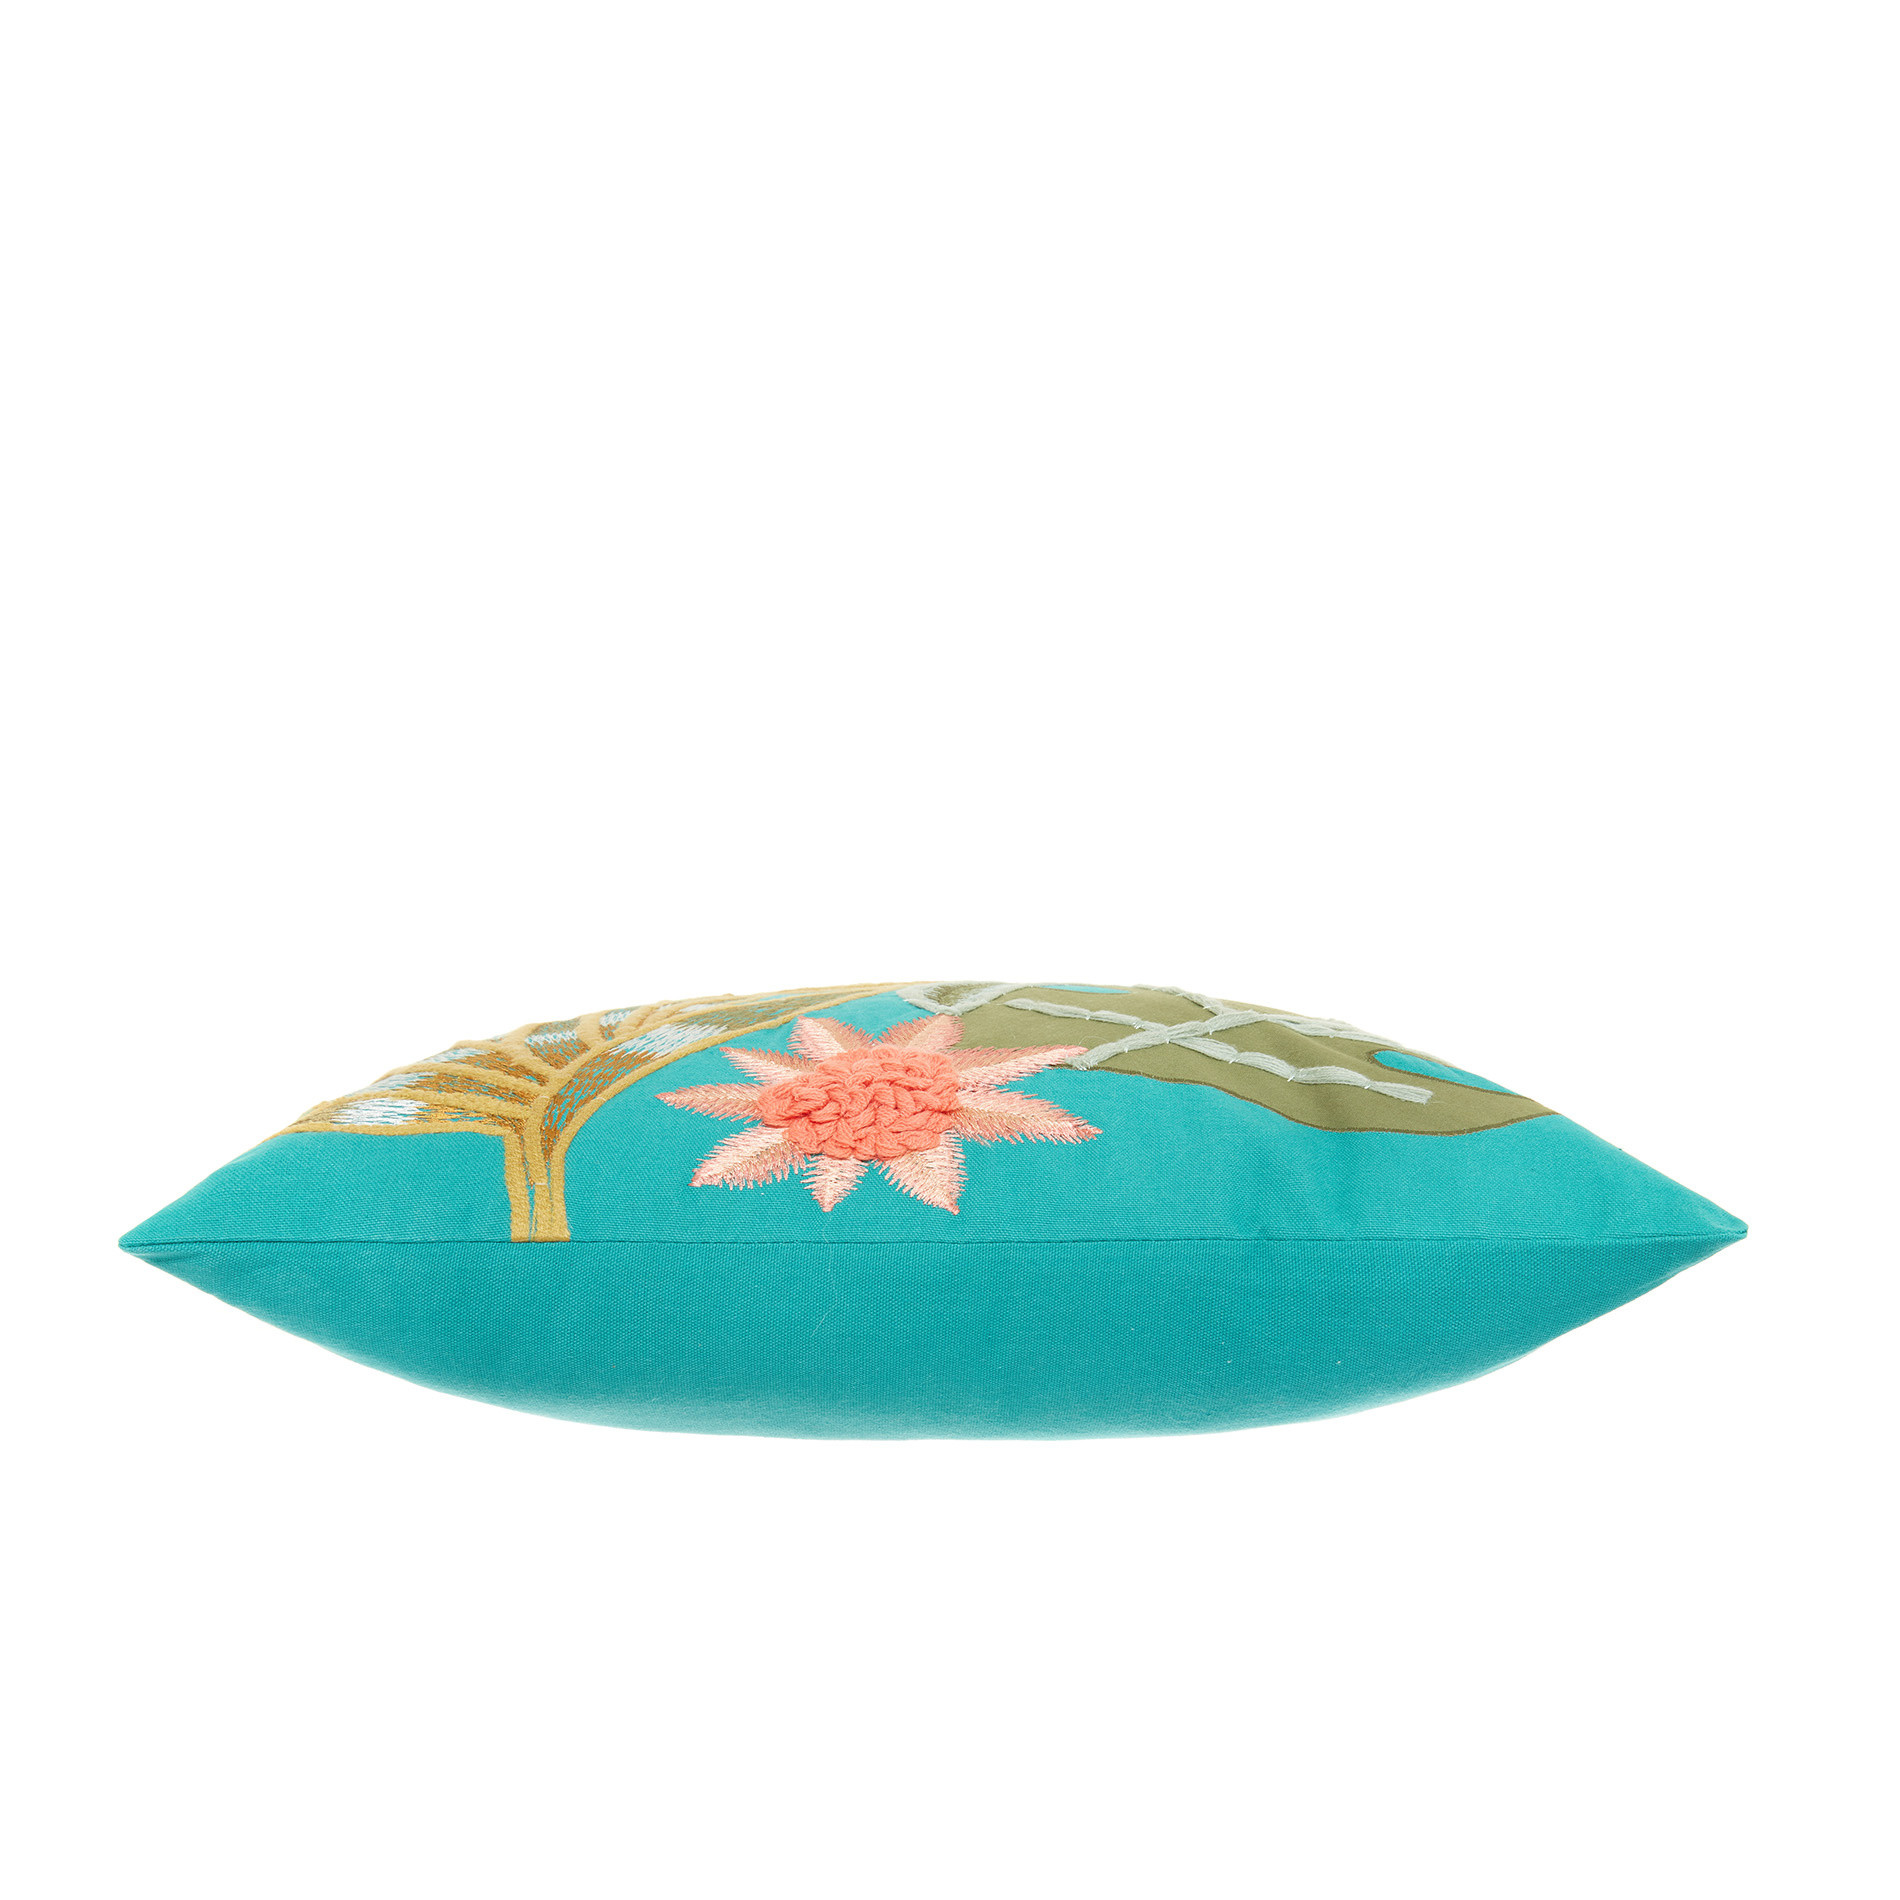 Cuscino ricamo foglie 45x45cm, Verde acqua, large image number 2